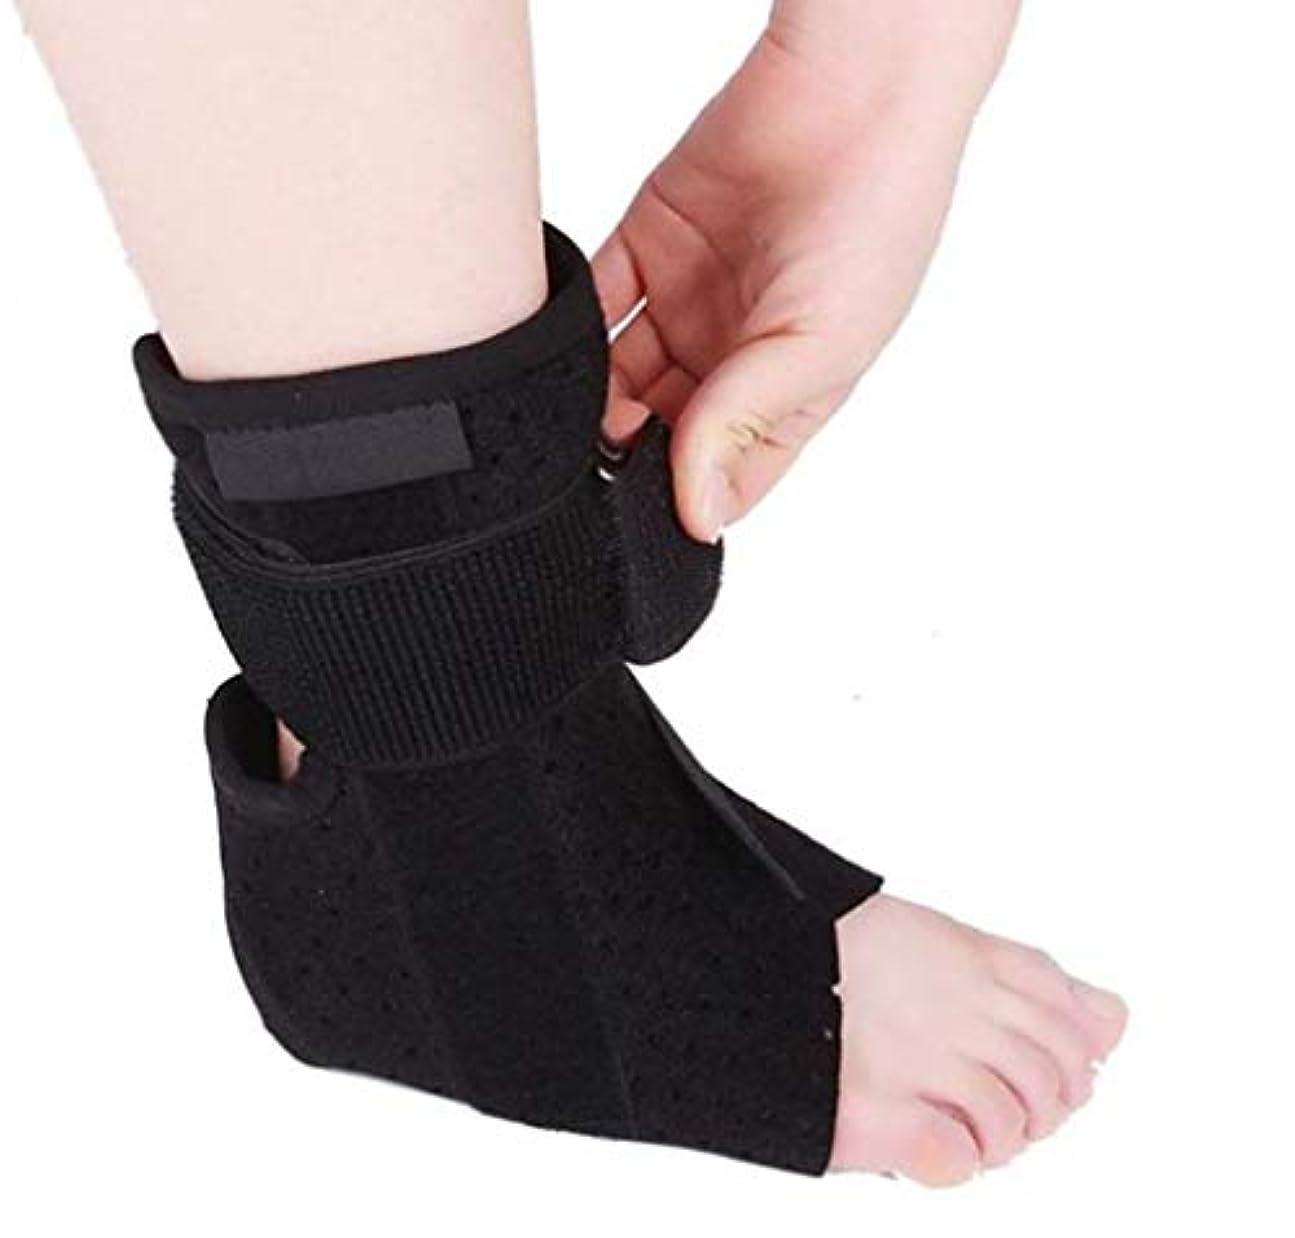 性交悪魔大洪水ドロップフットブレース、負傷回復のためのドロップフットサポートスプリント圧縮、関節痛などの 足ドロップ装具足首ブレースサポート保護-ユニセックス